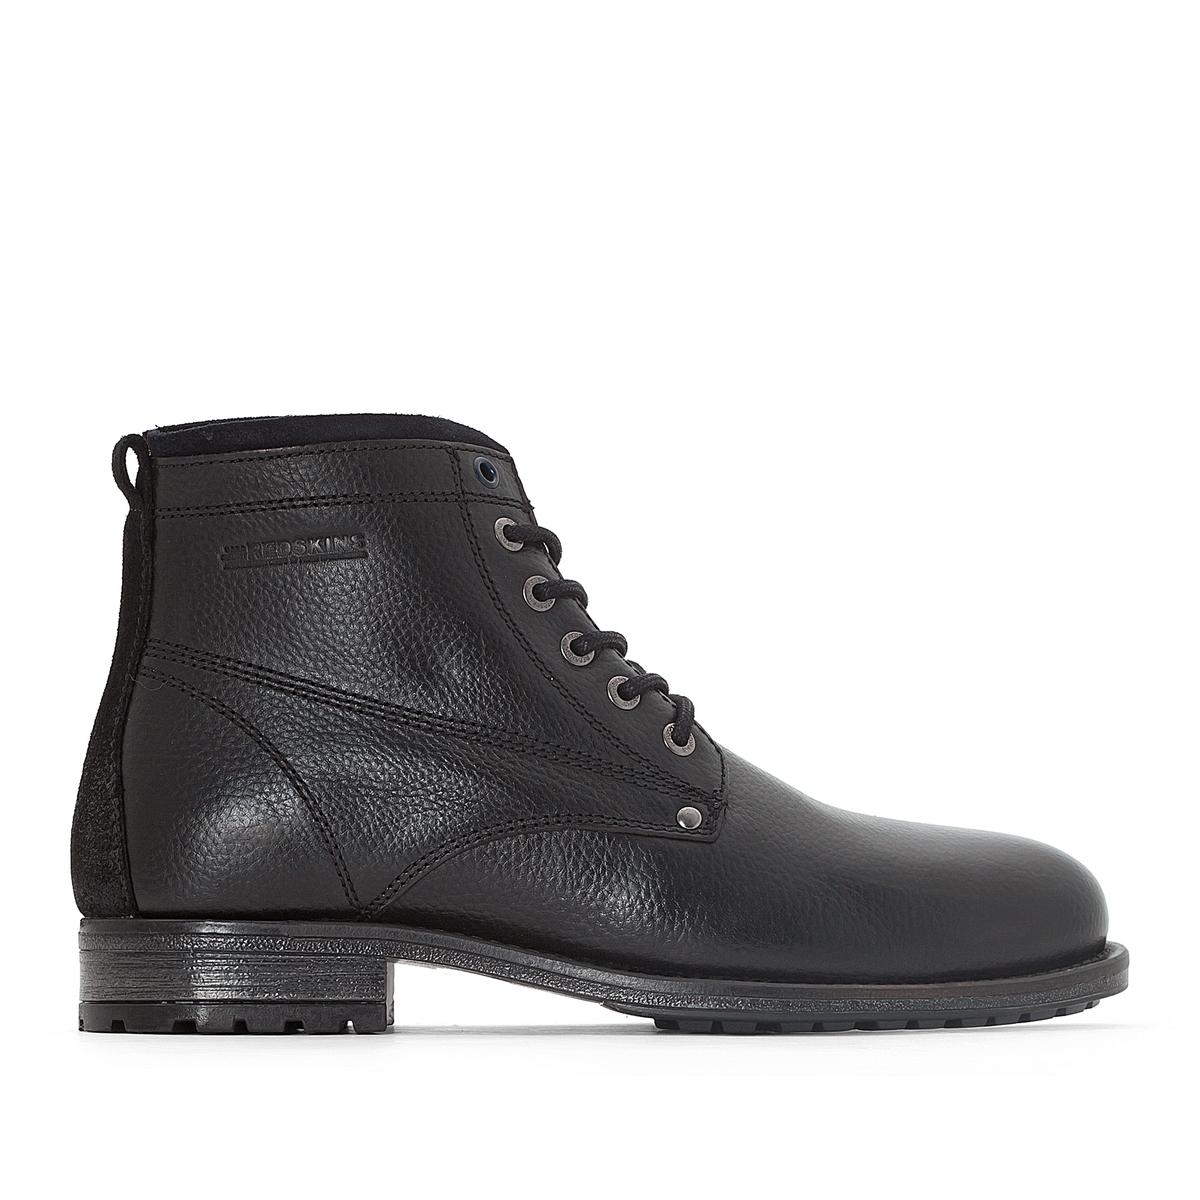 Ботильоны кожаные FAROUCHEОписание:Детали  •  Высота каблука : 2 см.  •  Застежка : на молнию •  Круглый мысок •  Гладкая отделкаСостав и уход  •  Верх 100% кожа •  Подкладка 50% кожи, 50% текстиля •  Стелька 100% кожа<br><br>Цвет: черный + темно-синий<br>Размер: 42.41